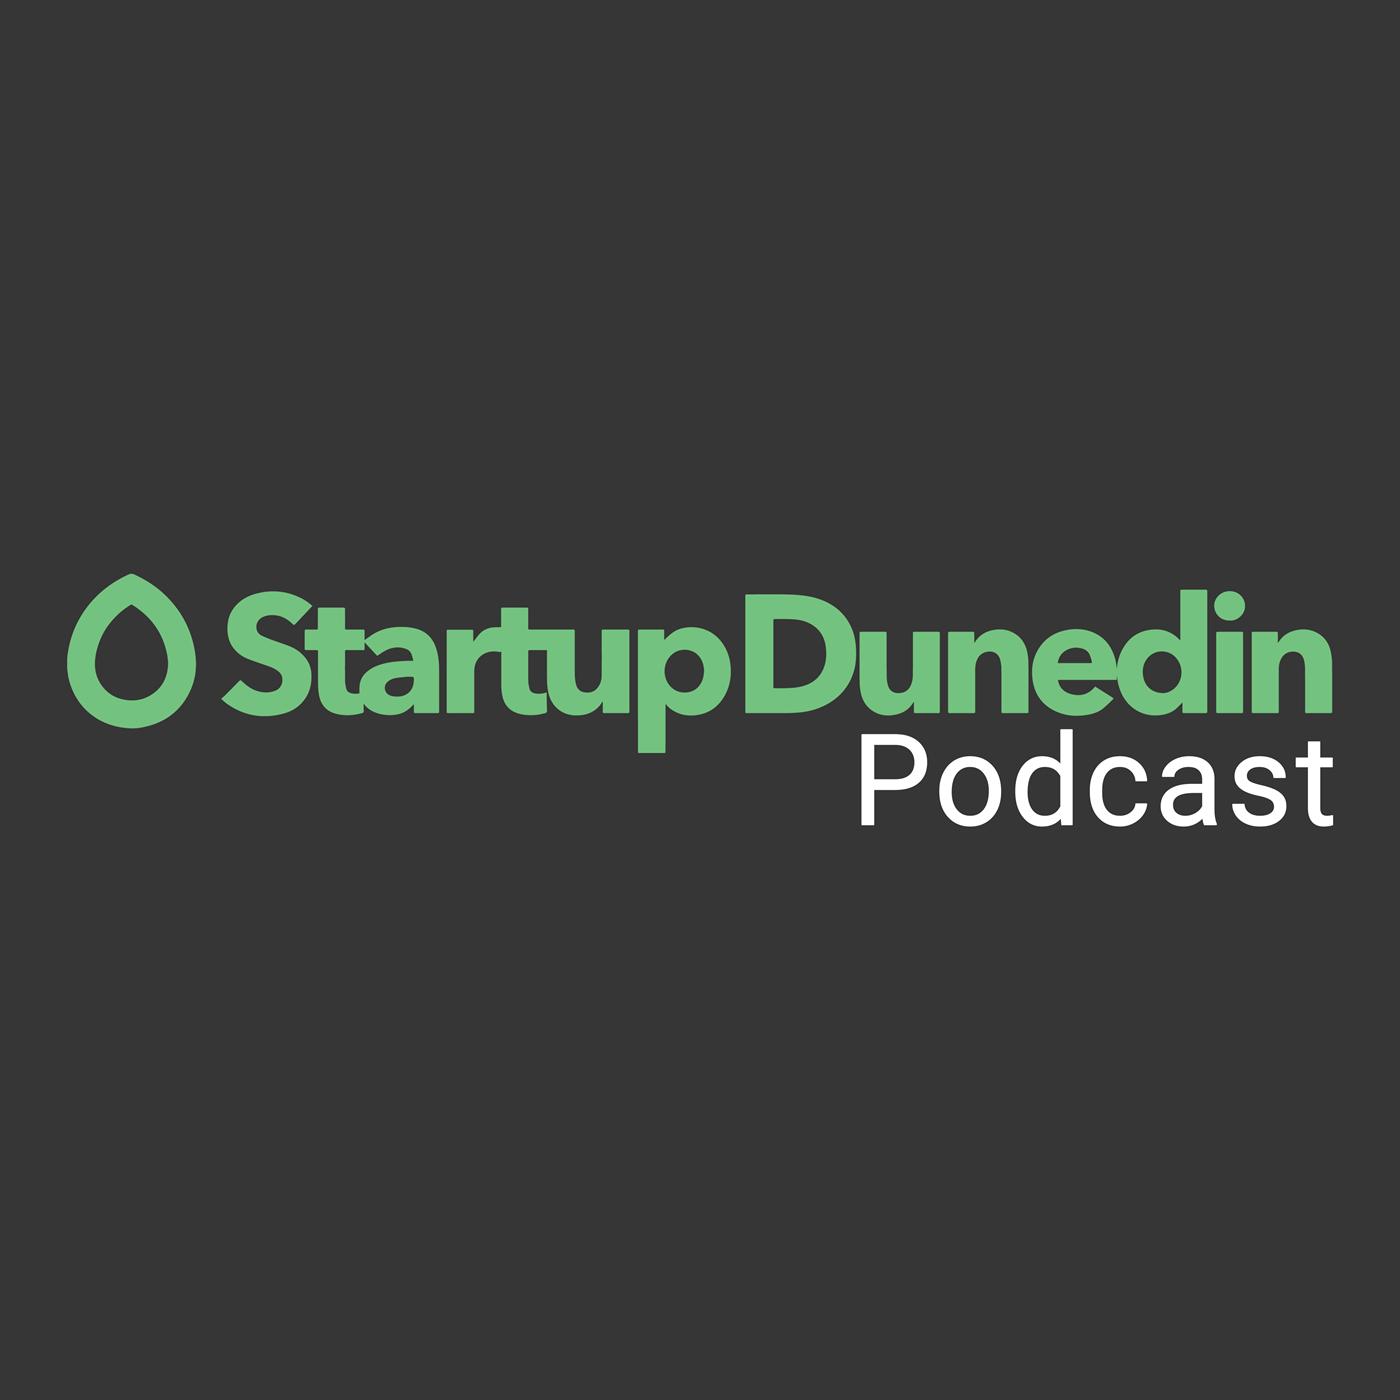 https://cdn.accessradio.org/StationFolder/otago/Images/PCST_StartupDunedin.png